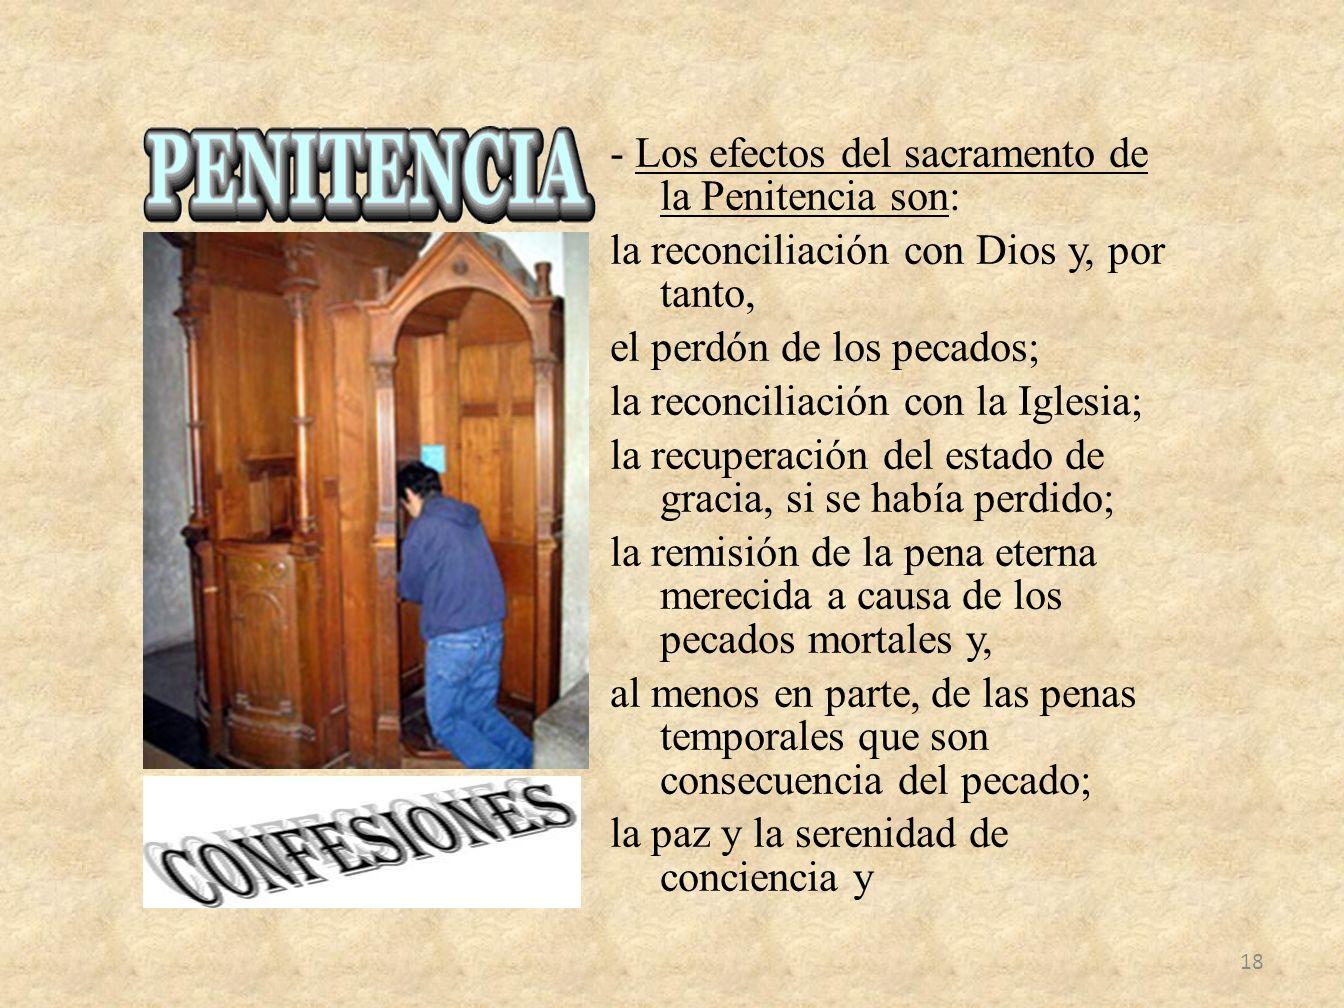 - Los efectos del sacramento de la Penitencia son: la reconciliación con Dios y, por tanto, el perdón de los pecados; la reconciliación con la Iglesia